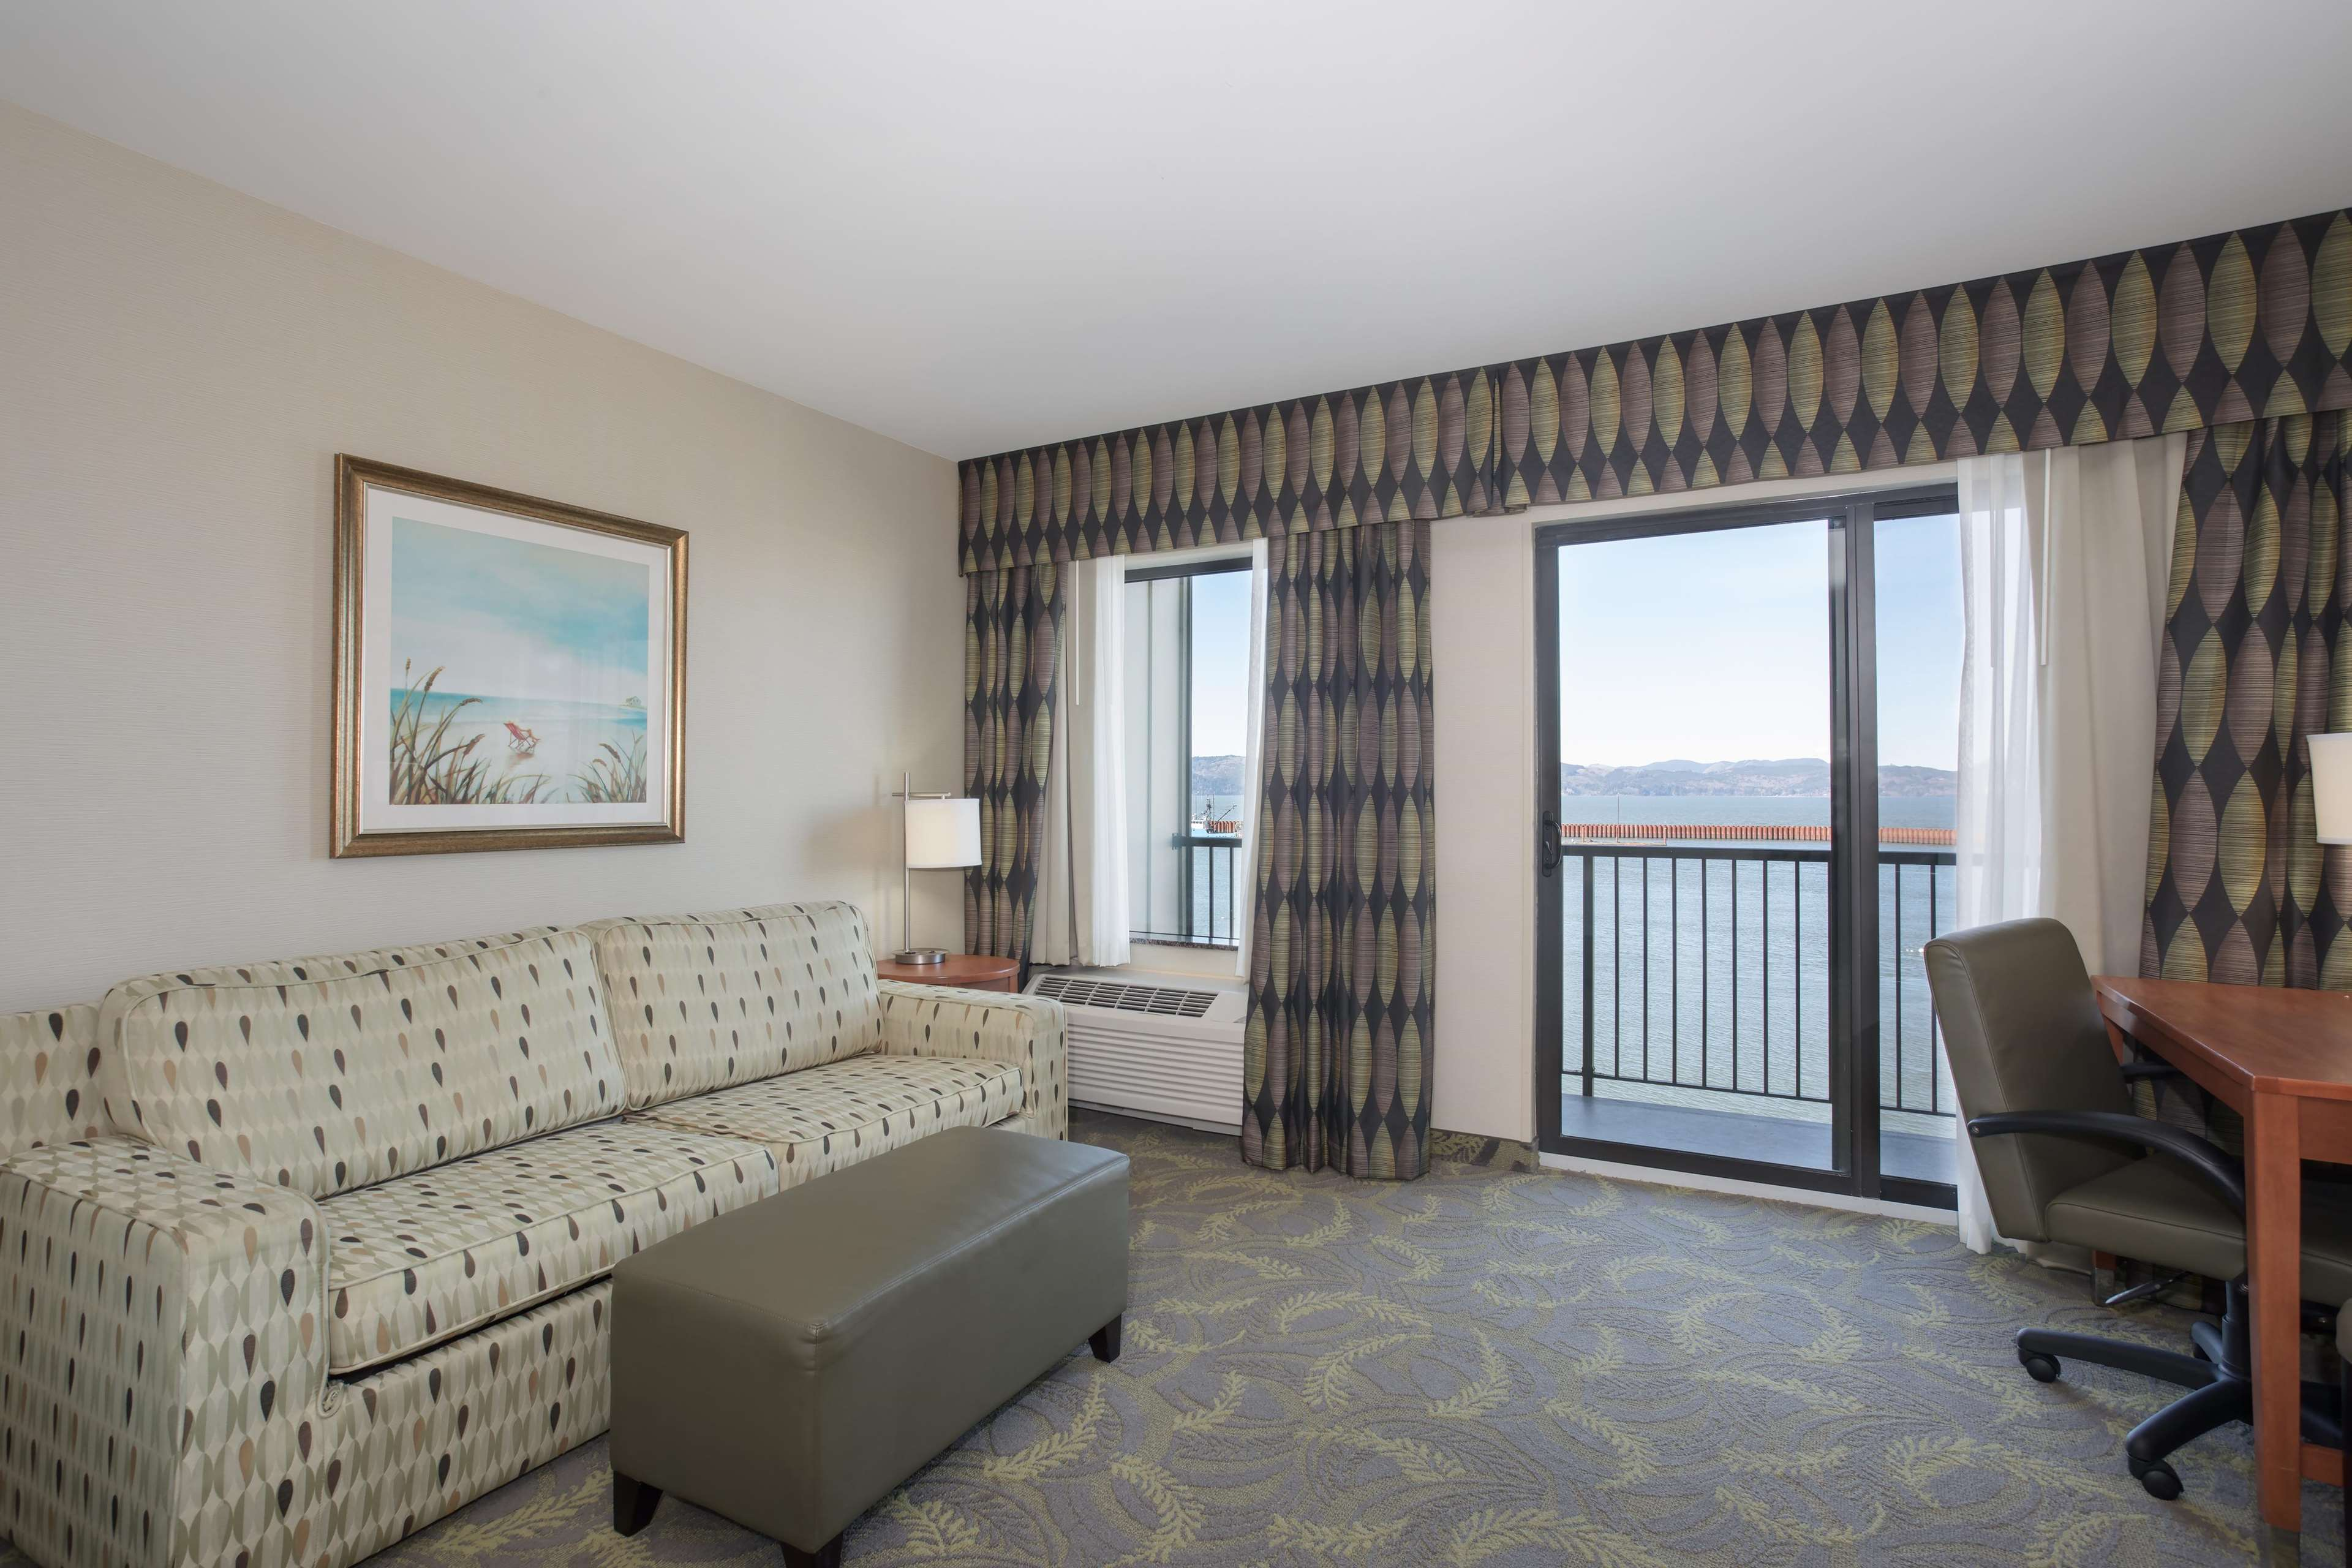 Hampton Inn & Suites Astoria image 39